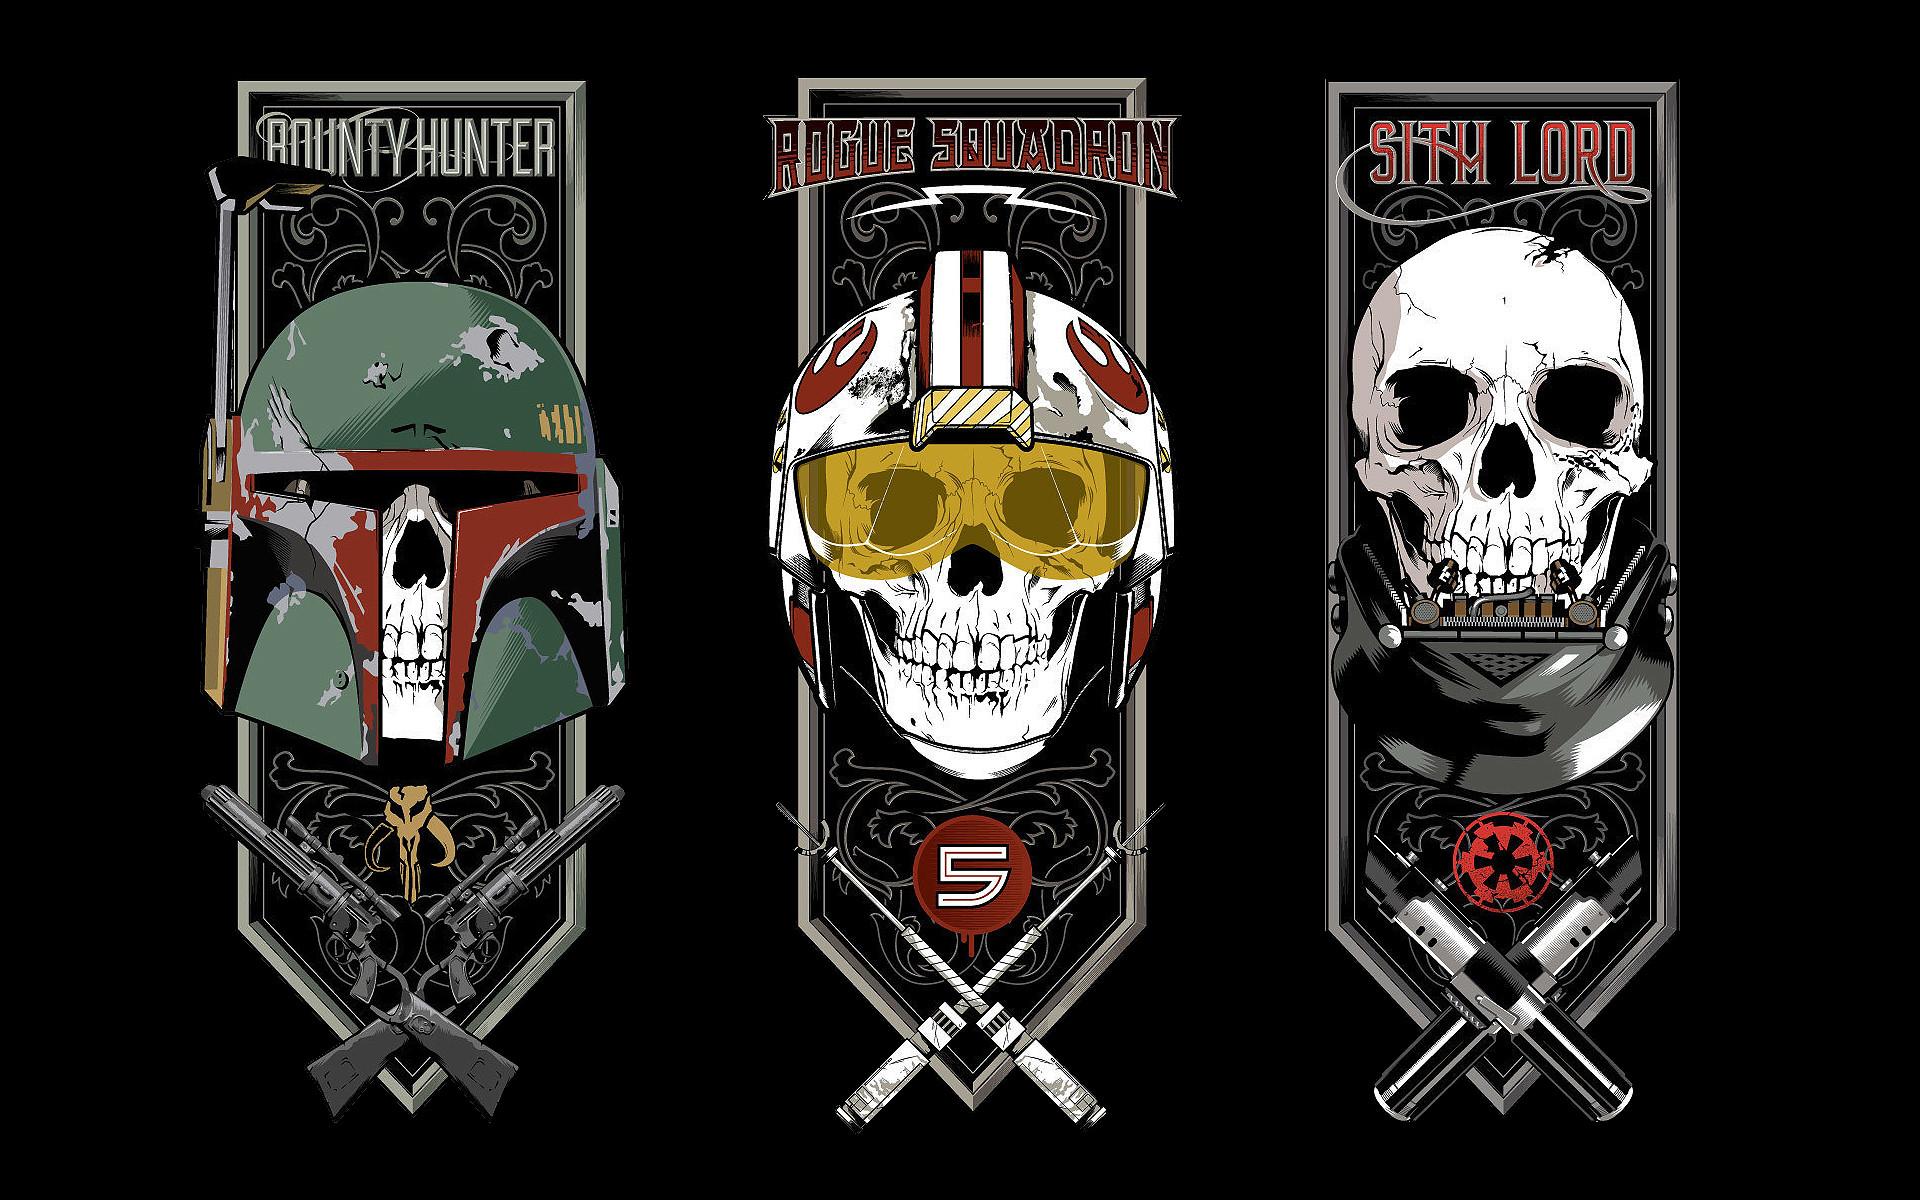 Boba Fett Darth Vader Fan-art Luke Skywalker Movies Science Fiction Star  Wars